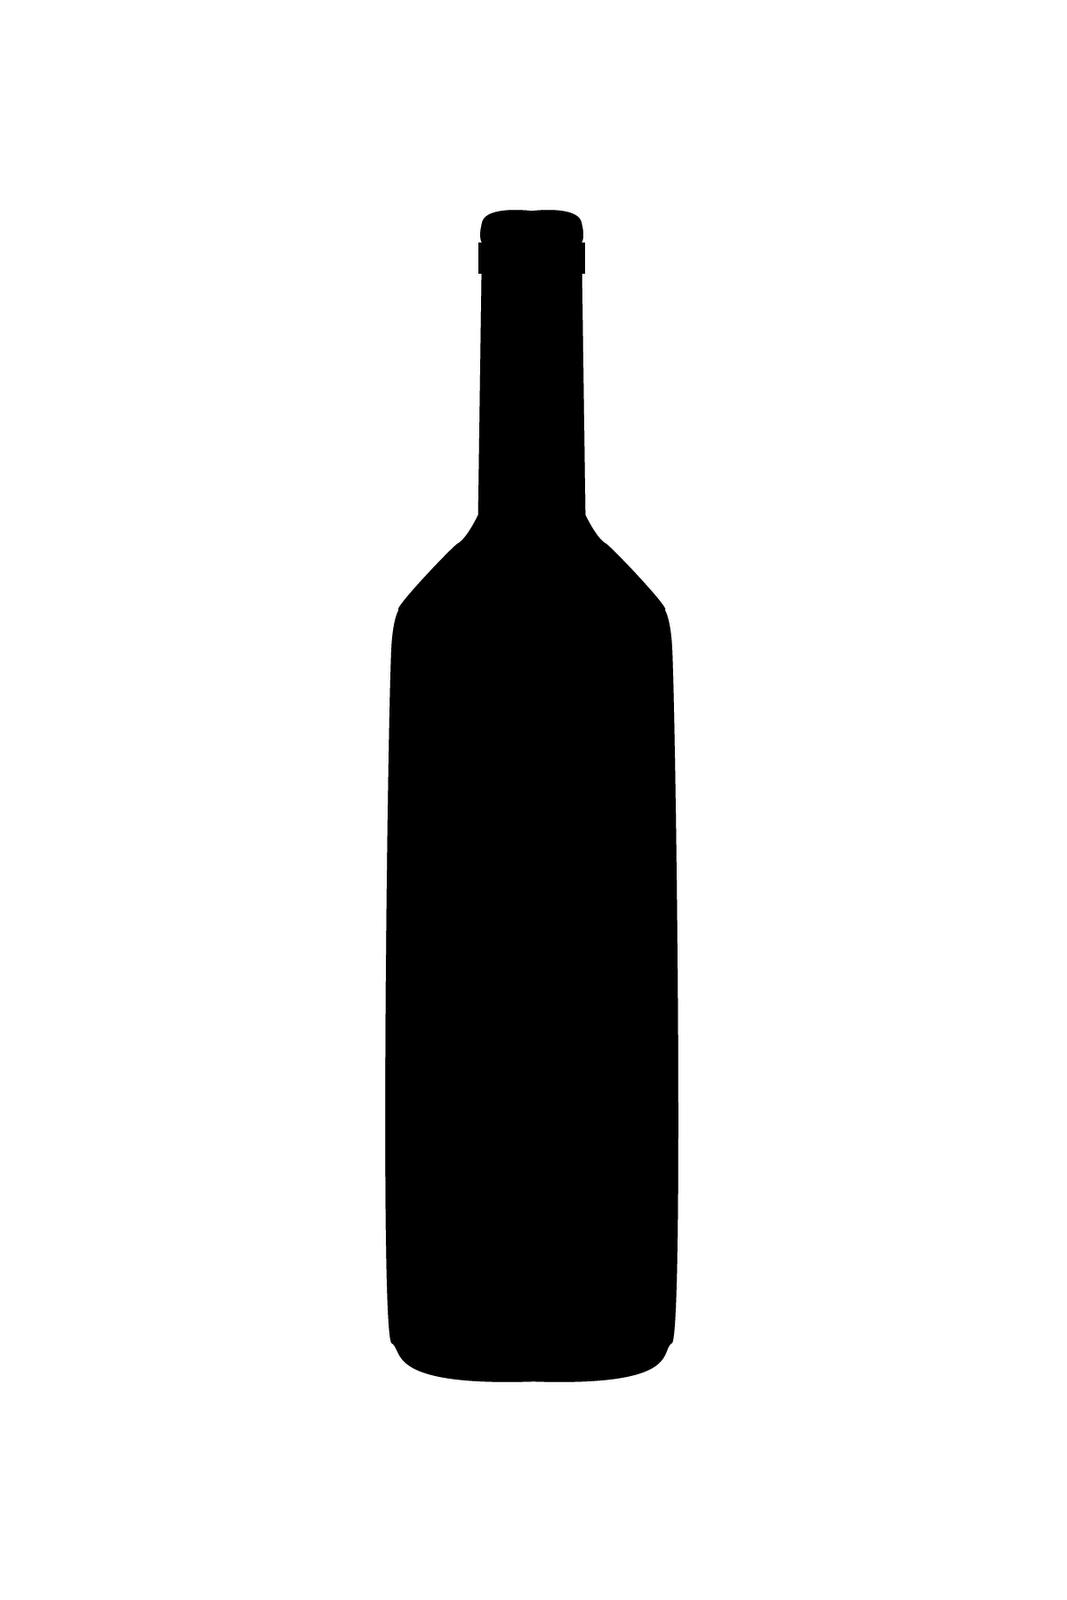 Wine Glass Graphic - Cliparts.co